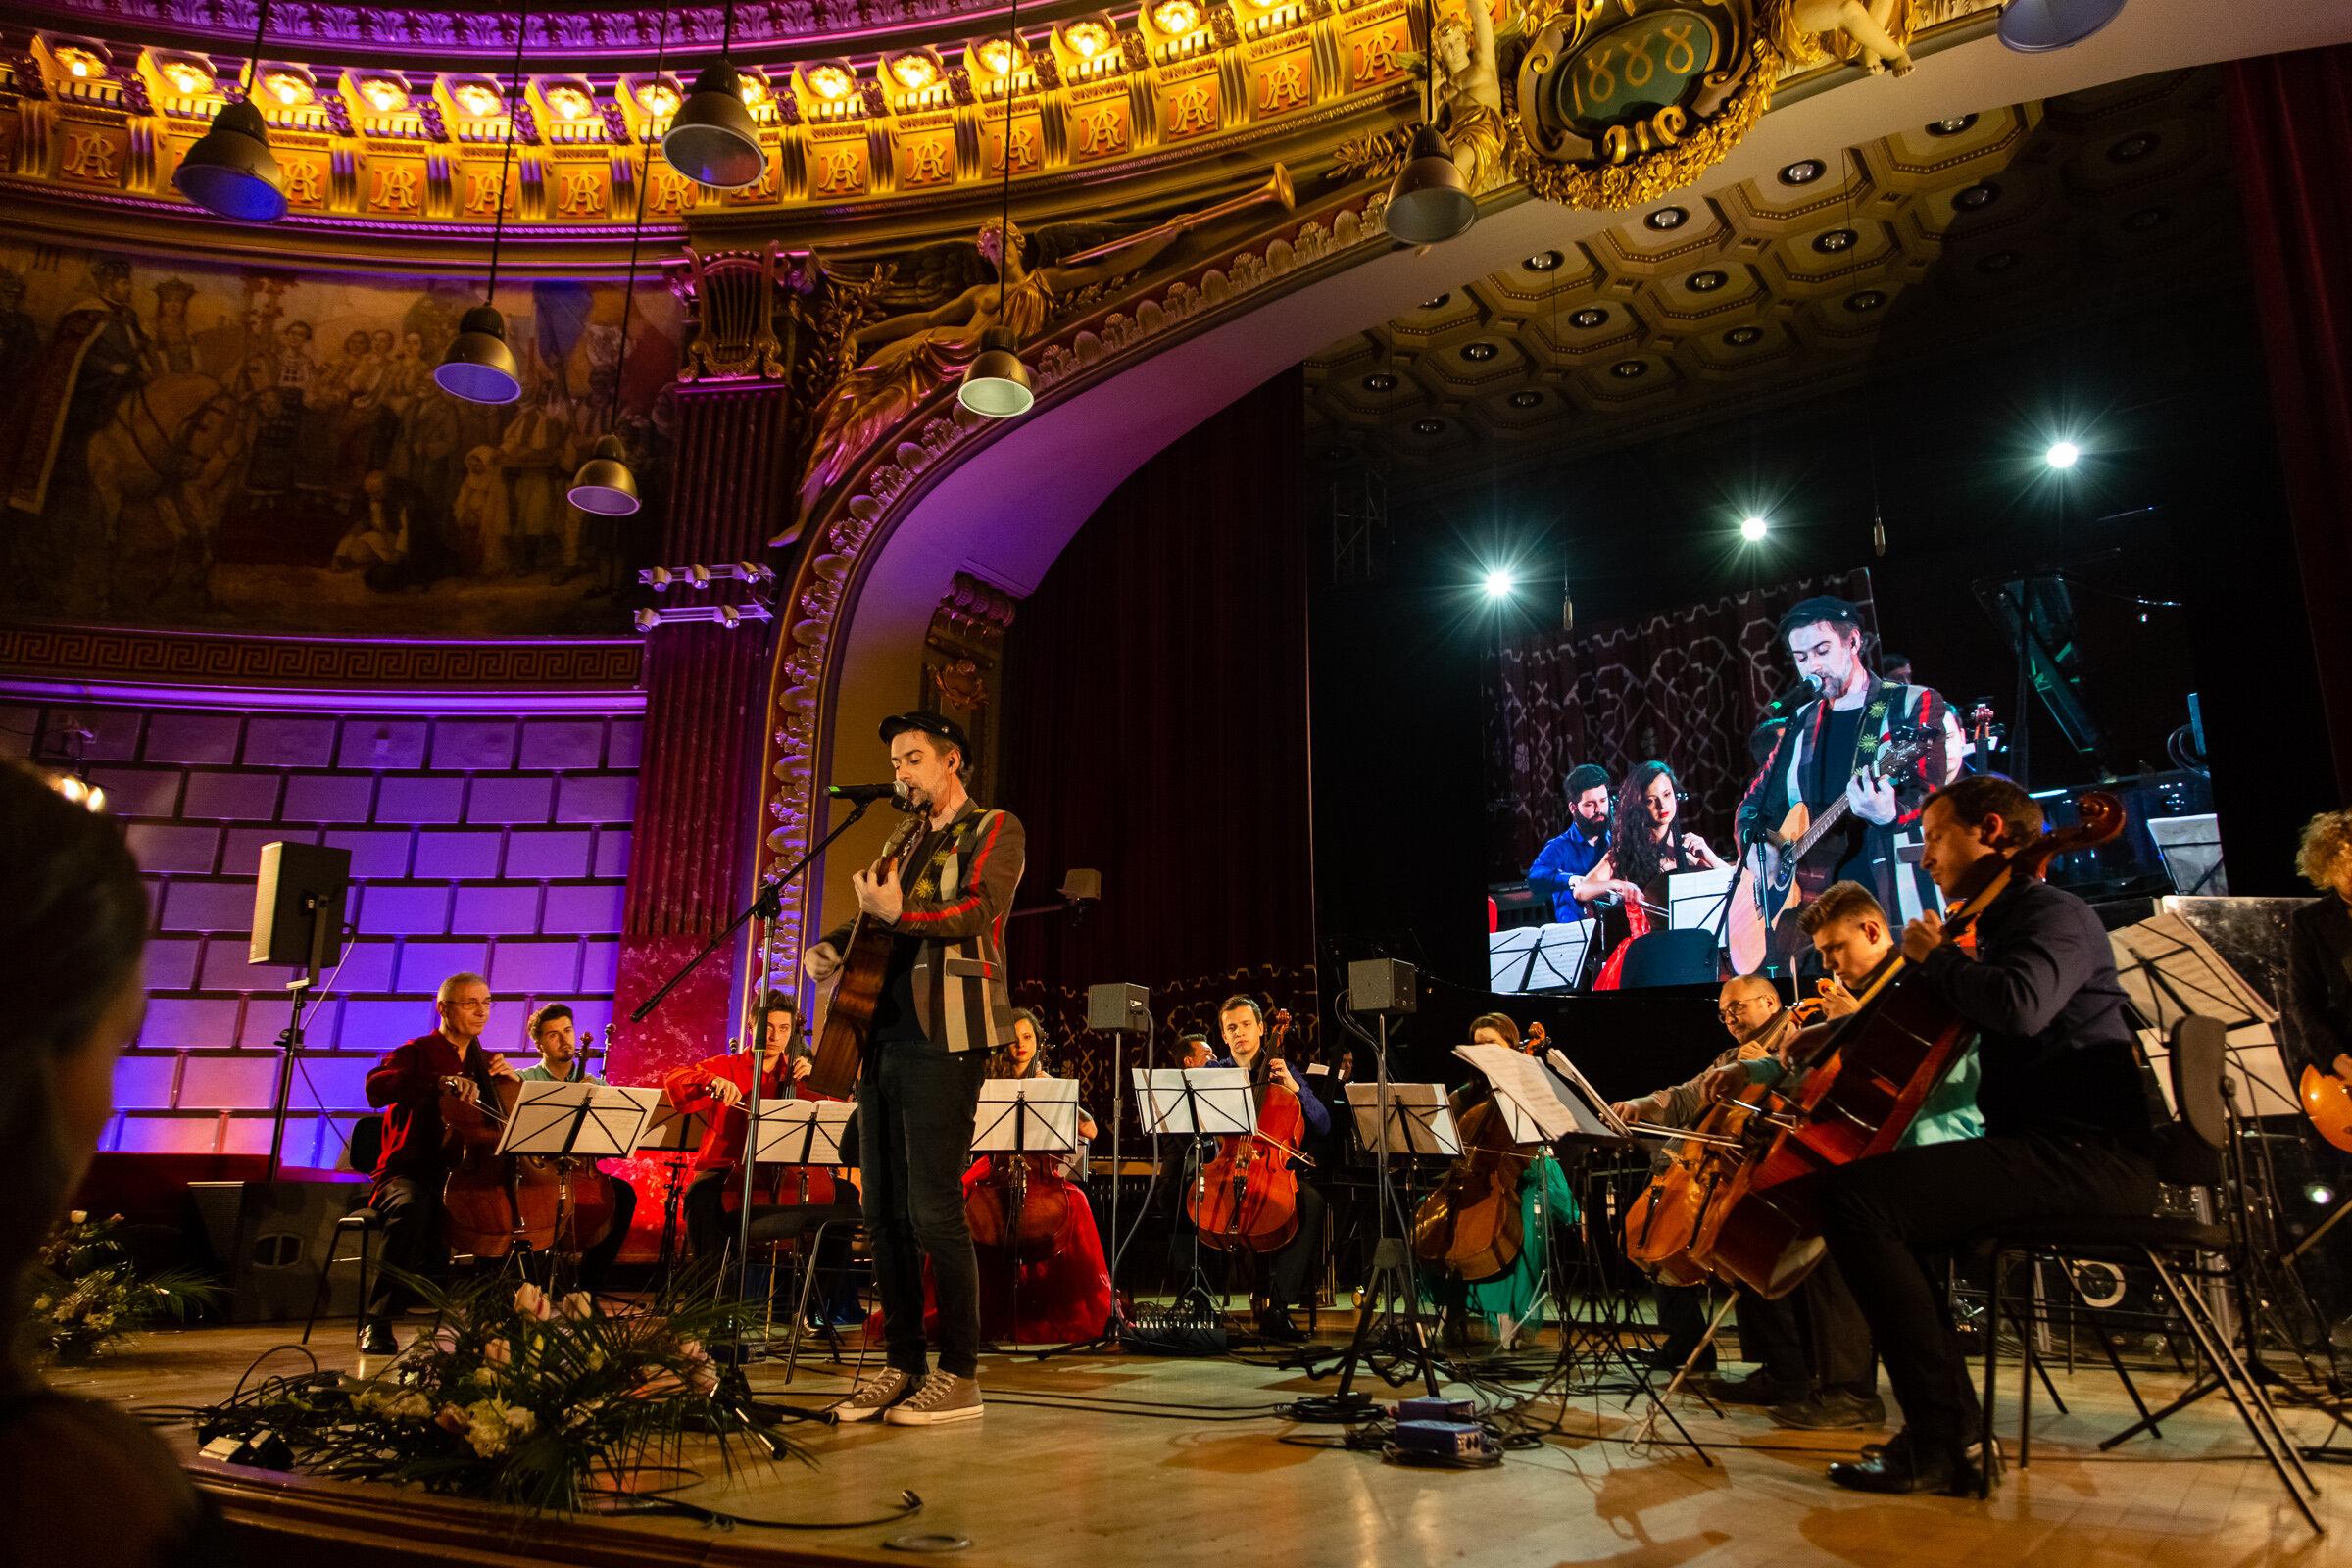 Firma_Hope Concert 2019_Foto Mihnea Ciulei.jpg